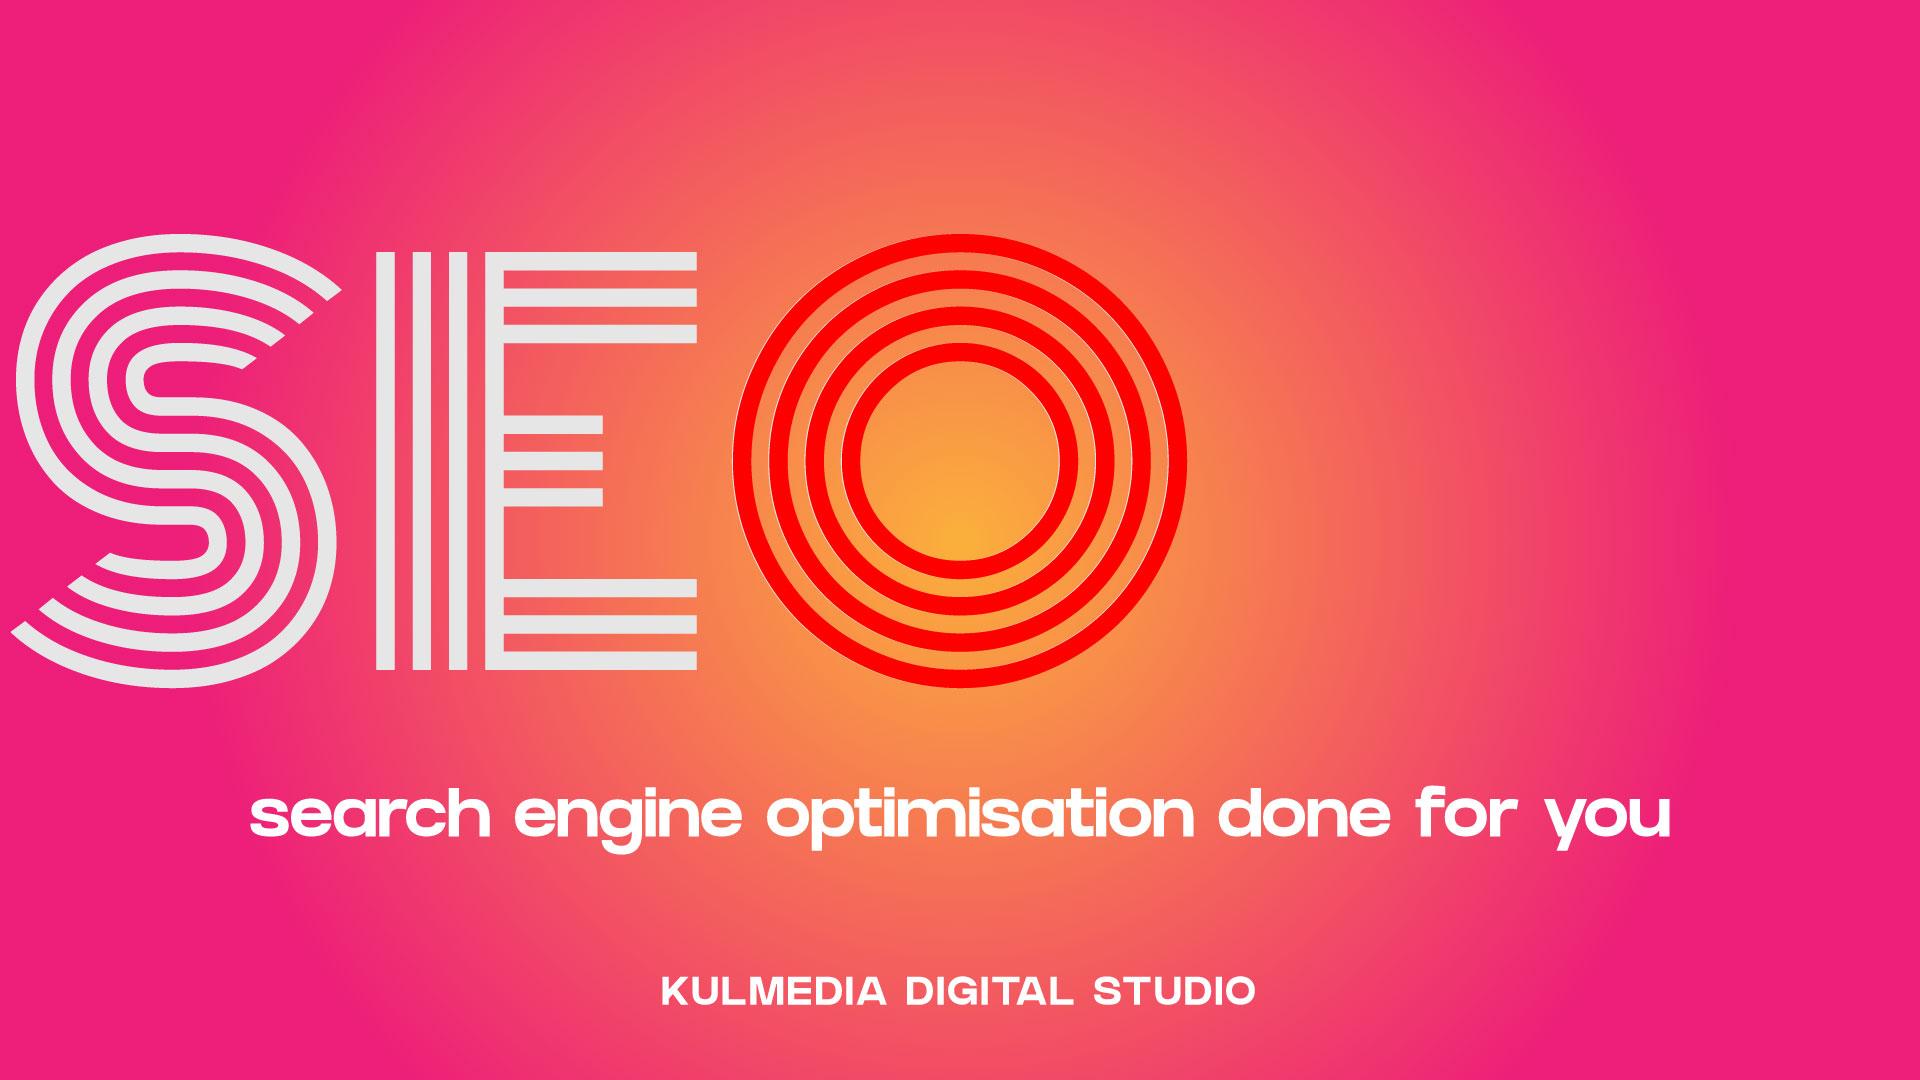 SEO Done for you Kulmedia Digital Studio